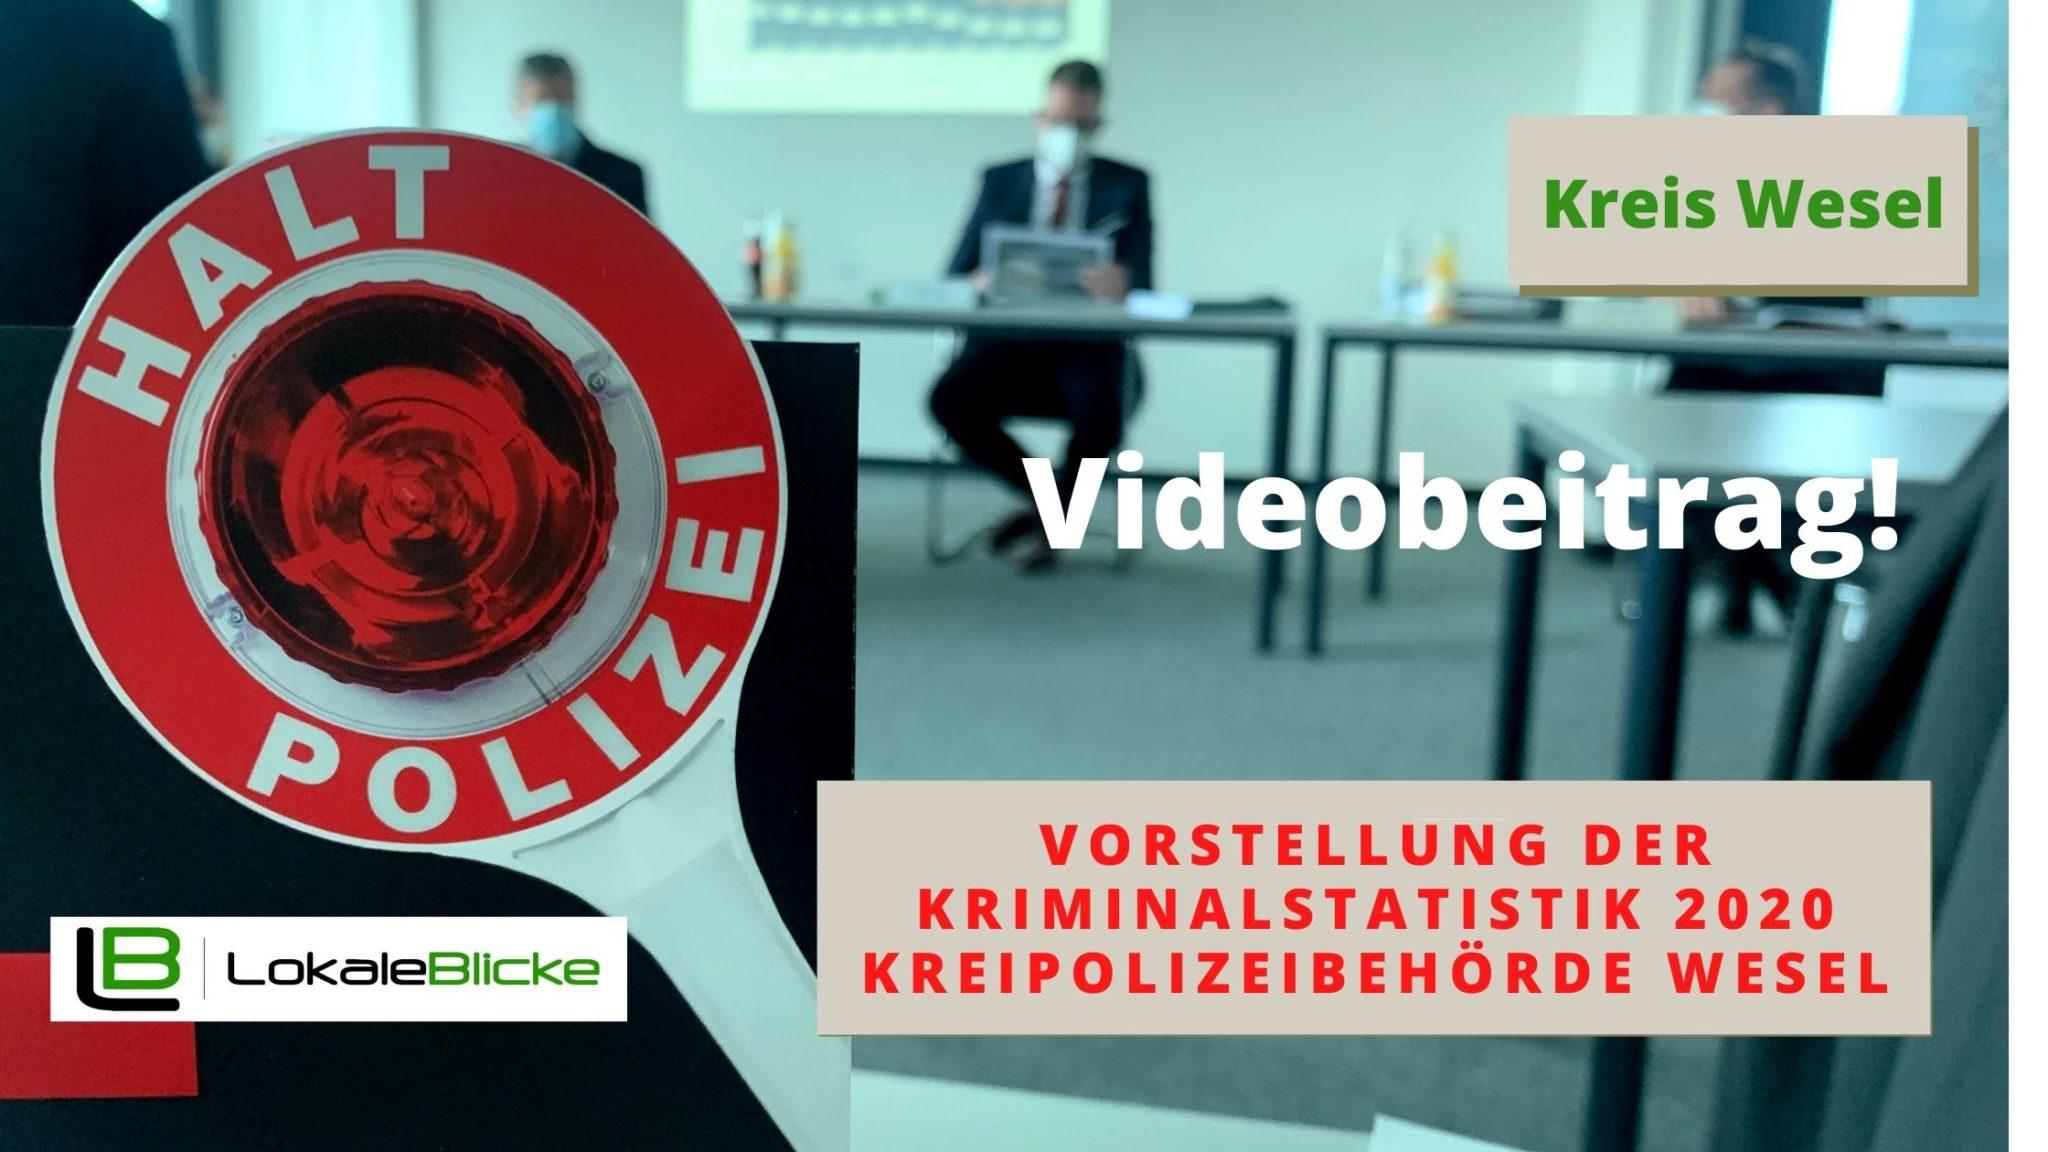 Vorstellung der Kriminalstatistik 2020